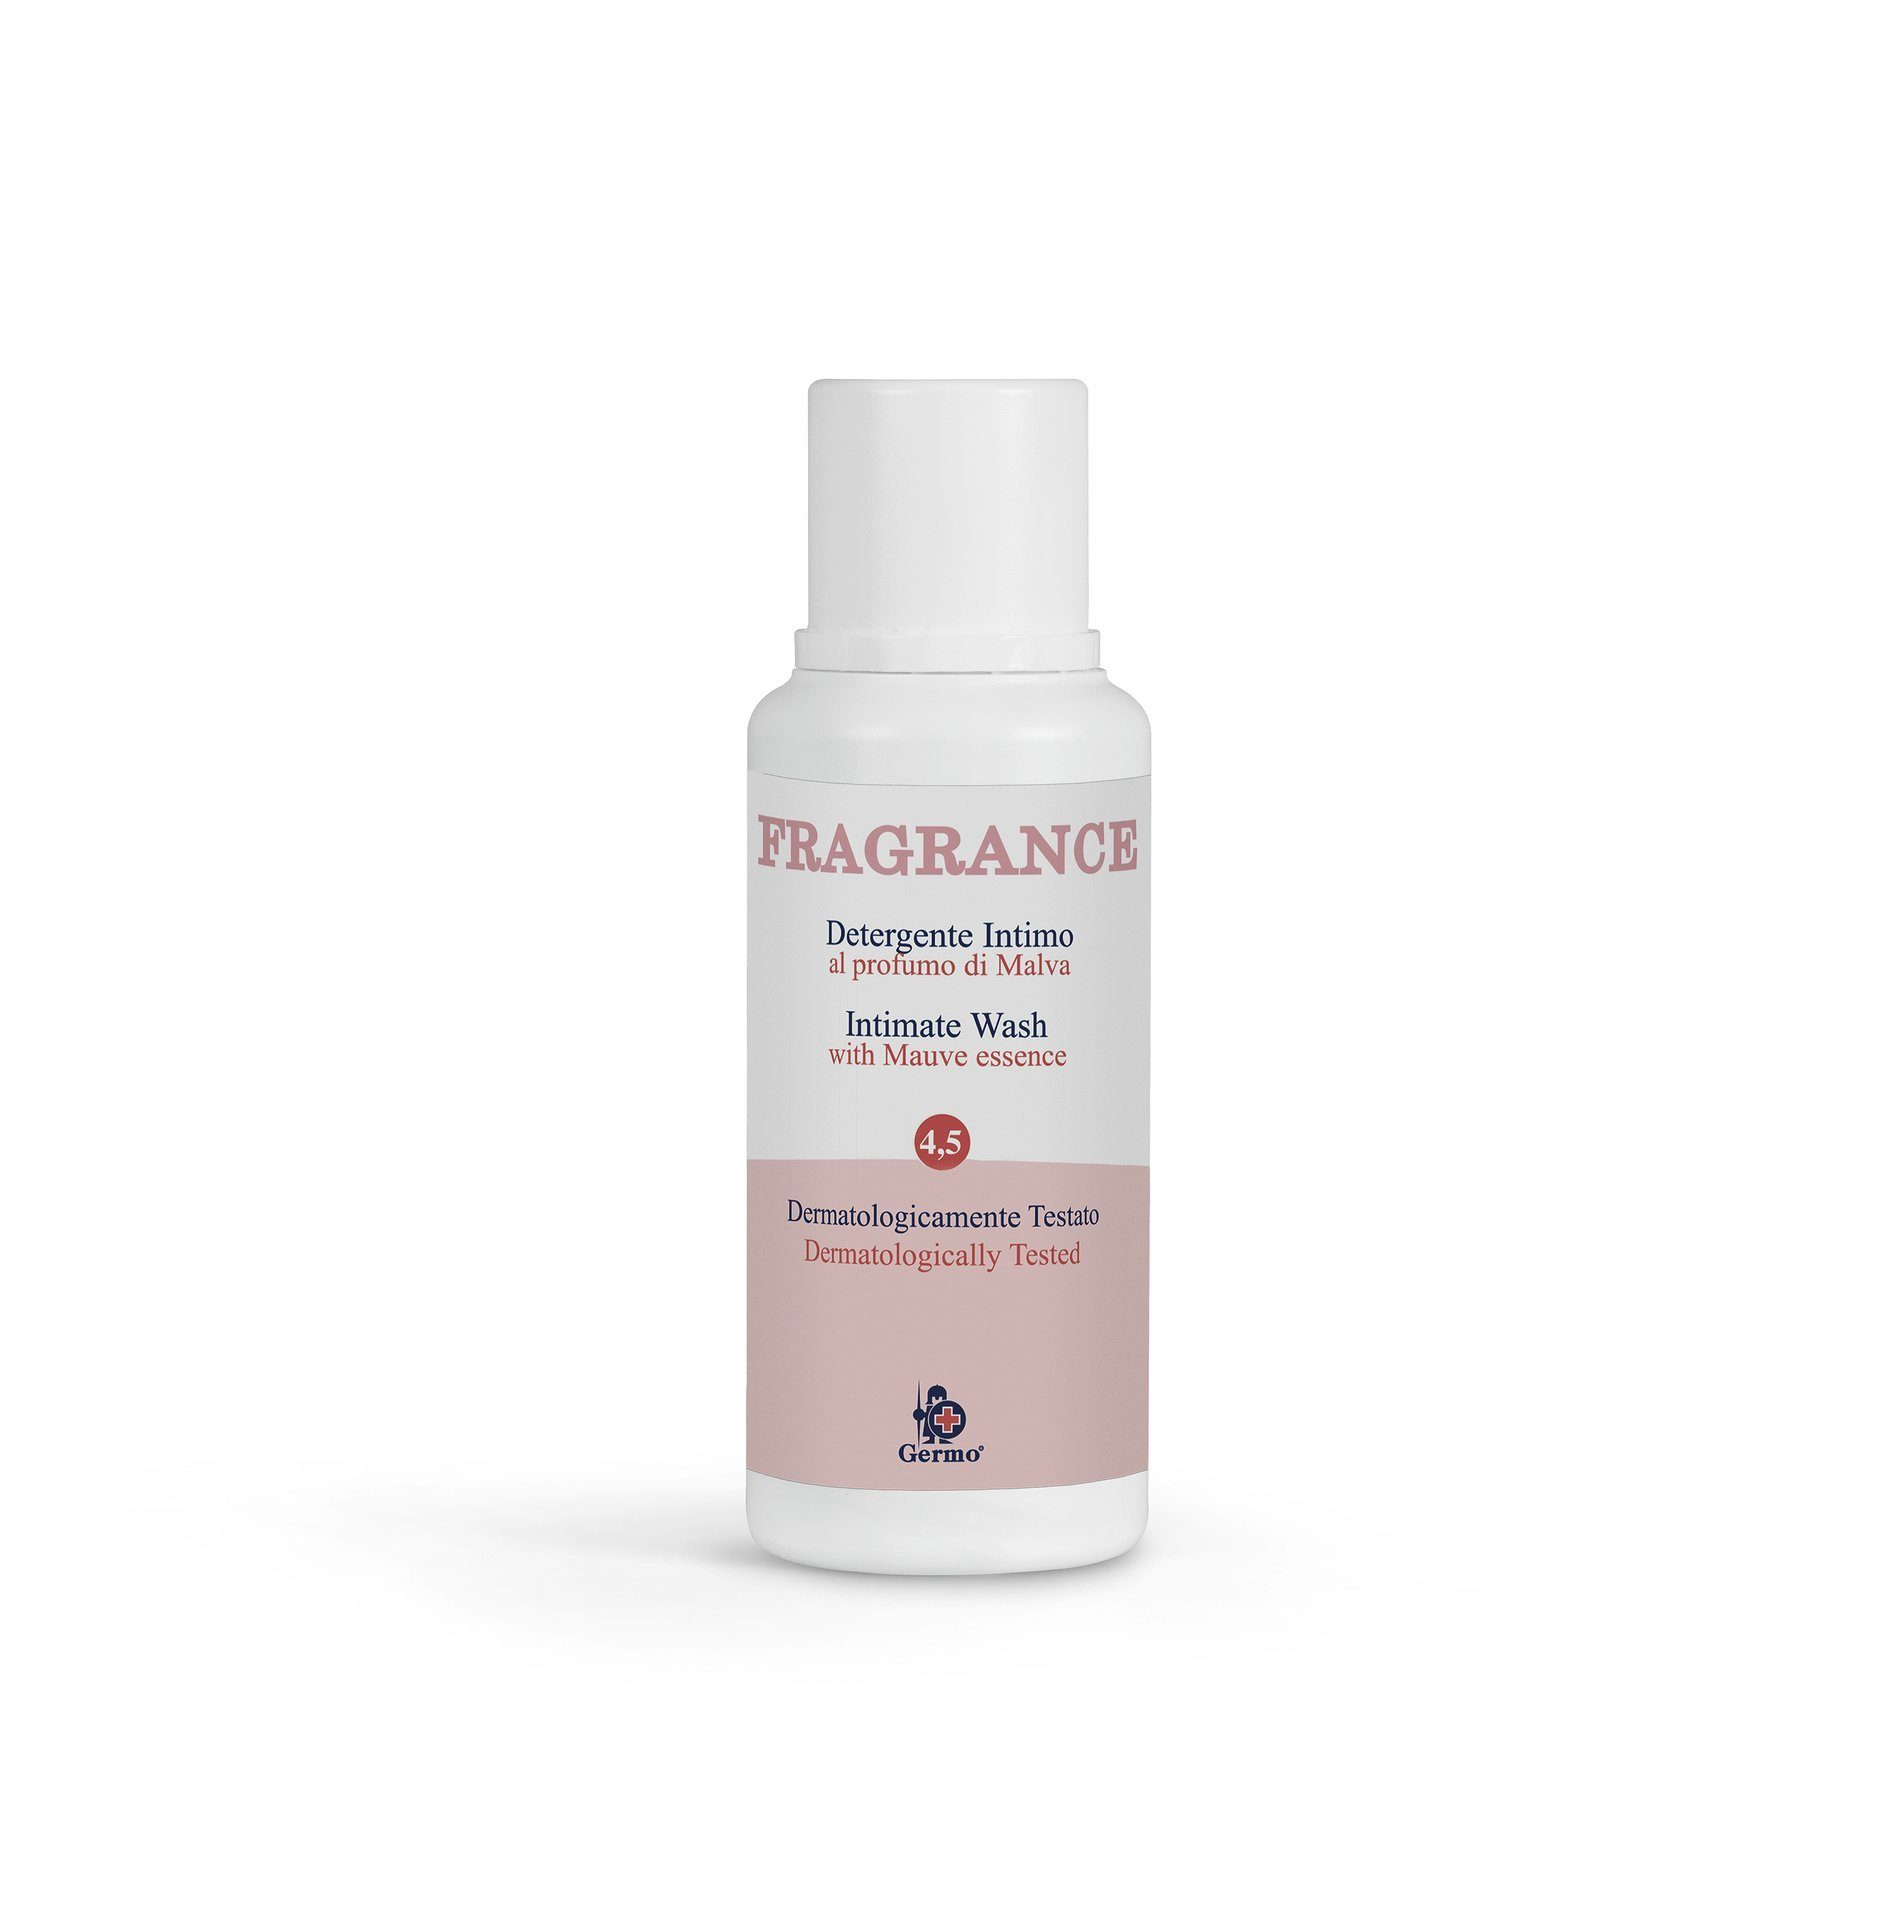 Средство для интимной гигиены FRAGRANCE detergente intimo